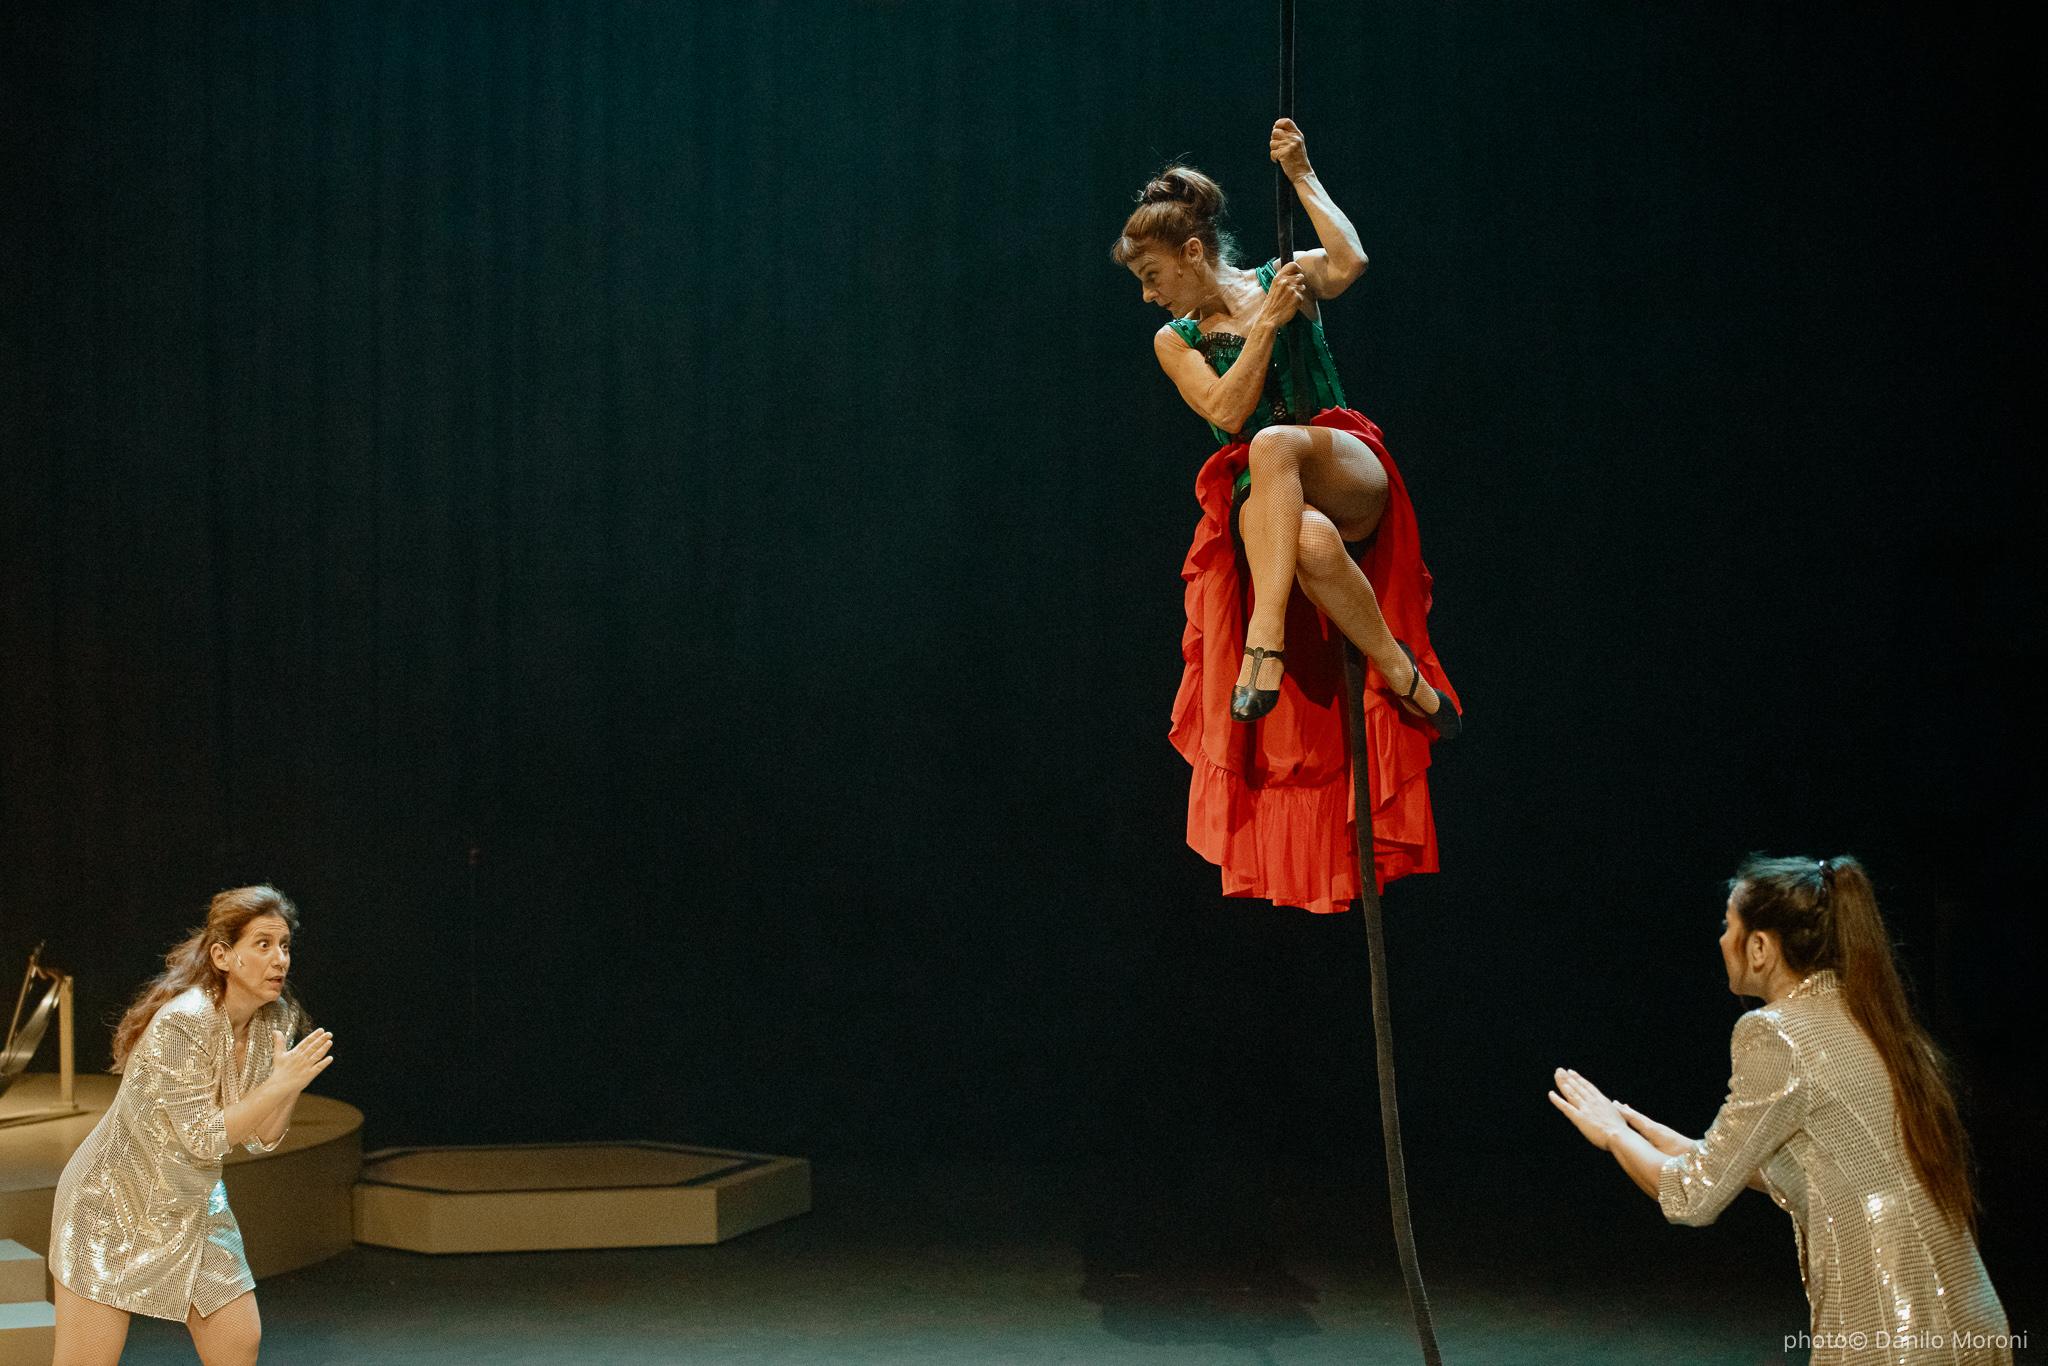 Teatro-en-vilo-Circo-Price-Miss-Mara-photo-Danilo-Moroni-091.jpg